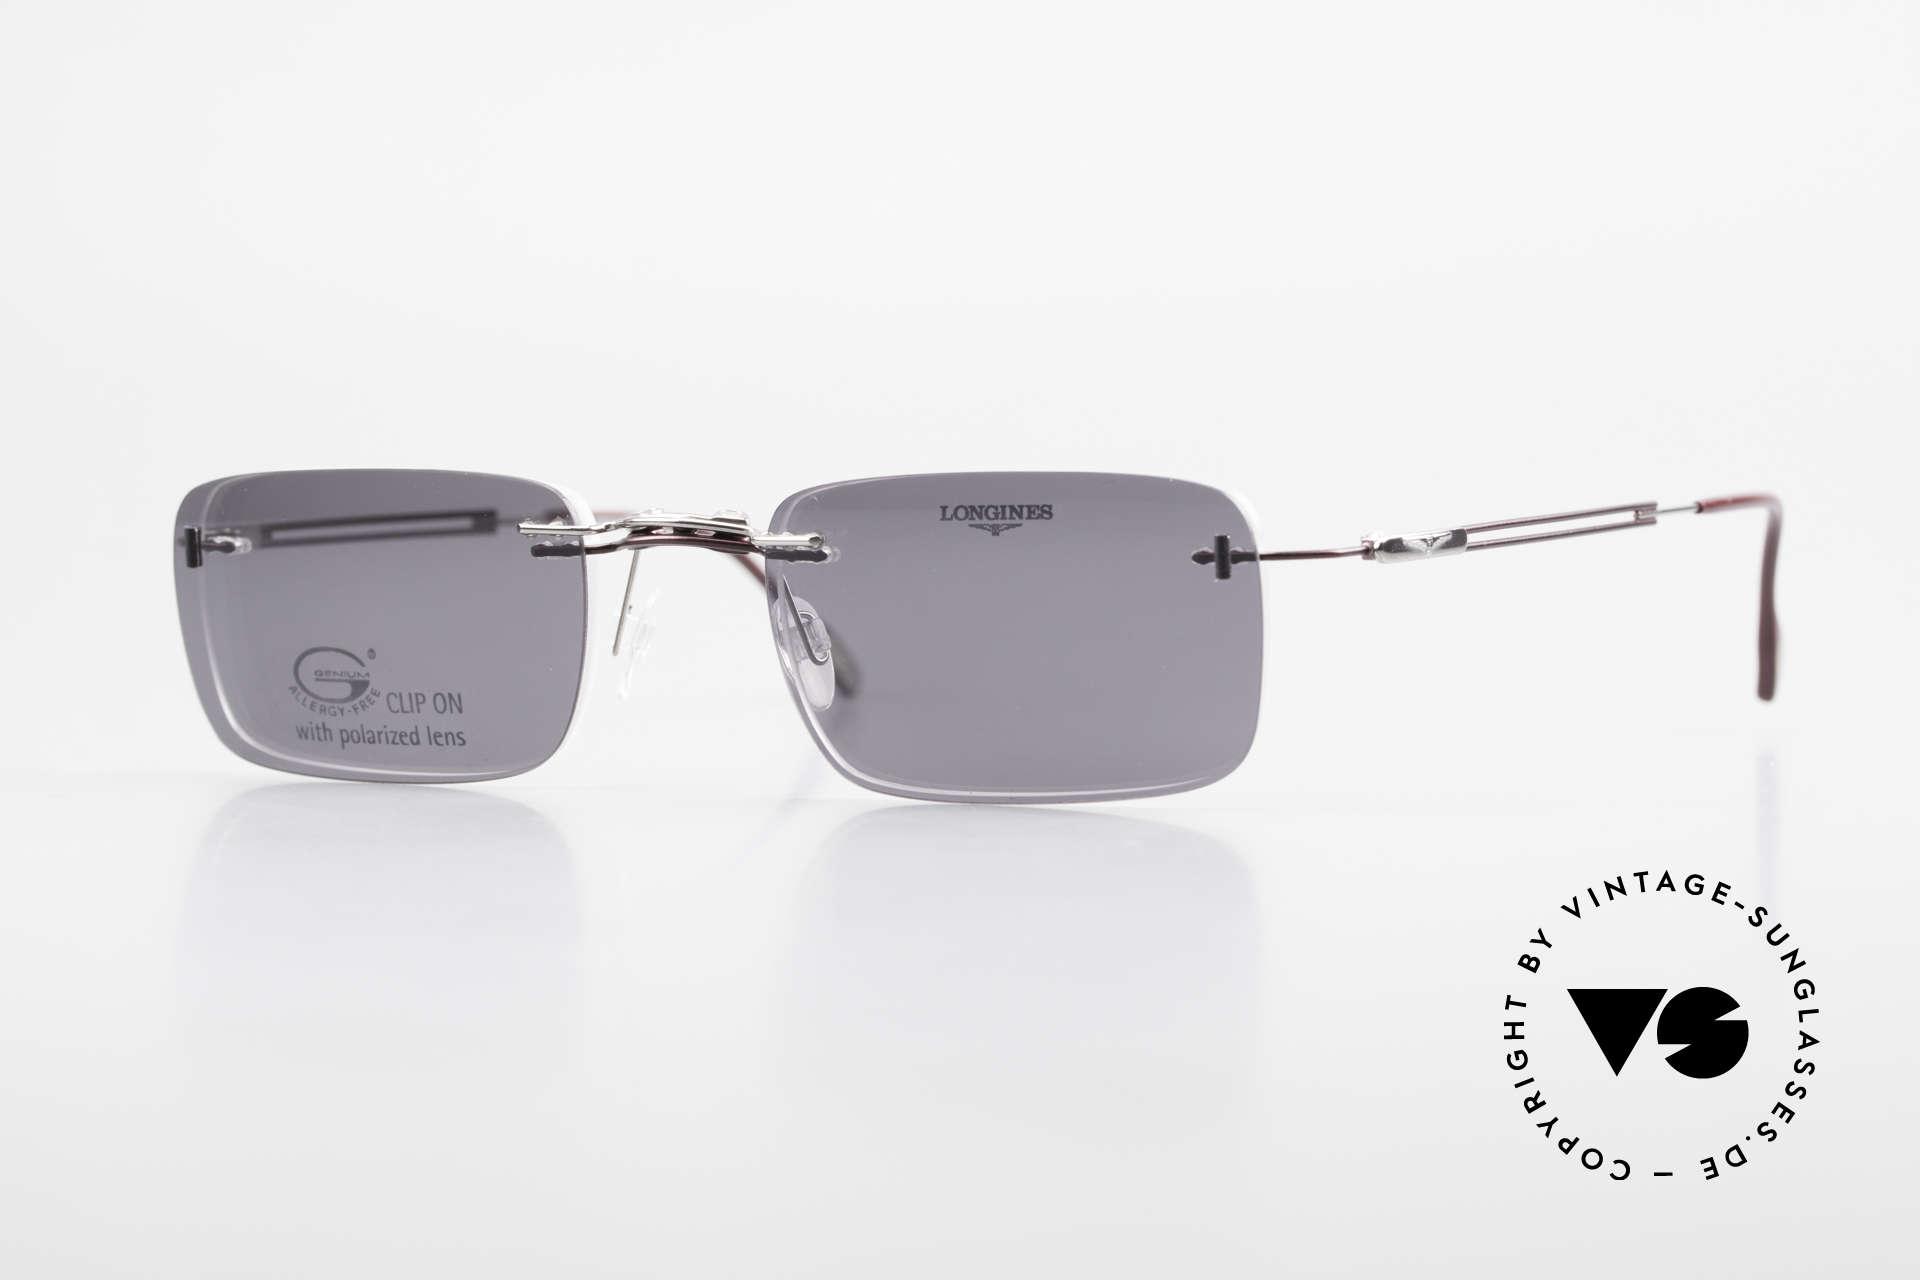 Longines 4367 Randlosbrille Polarisierend, 90er Longines Modell 4367 color 512, Größe 50-21, 135, Passend für Herren